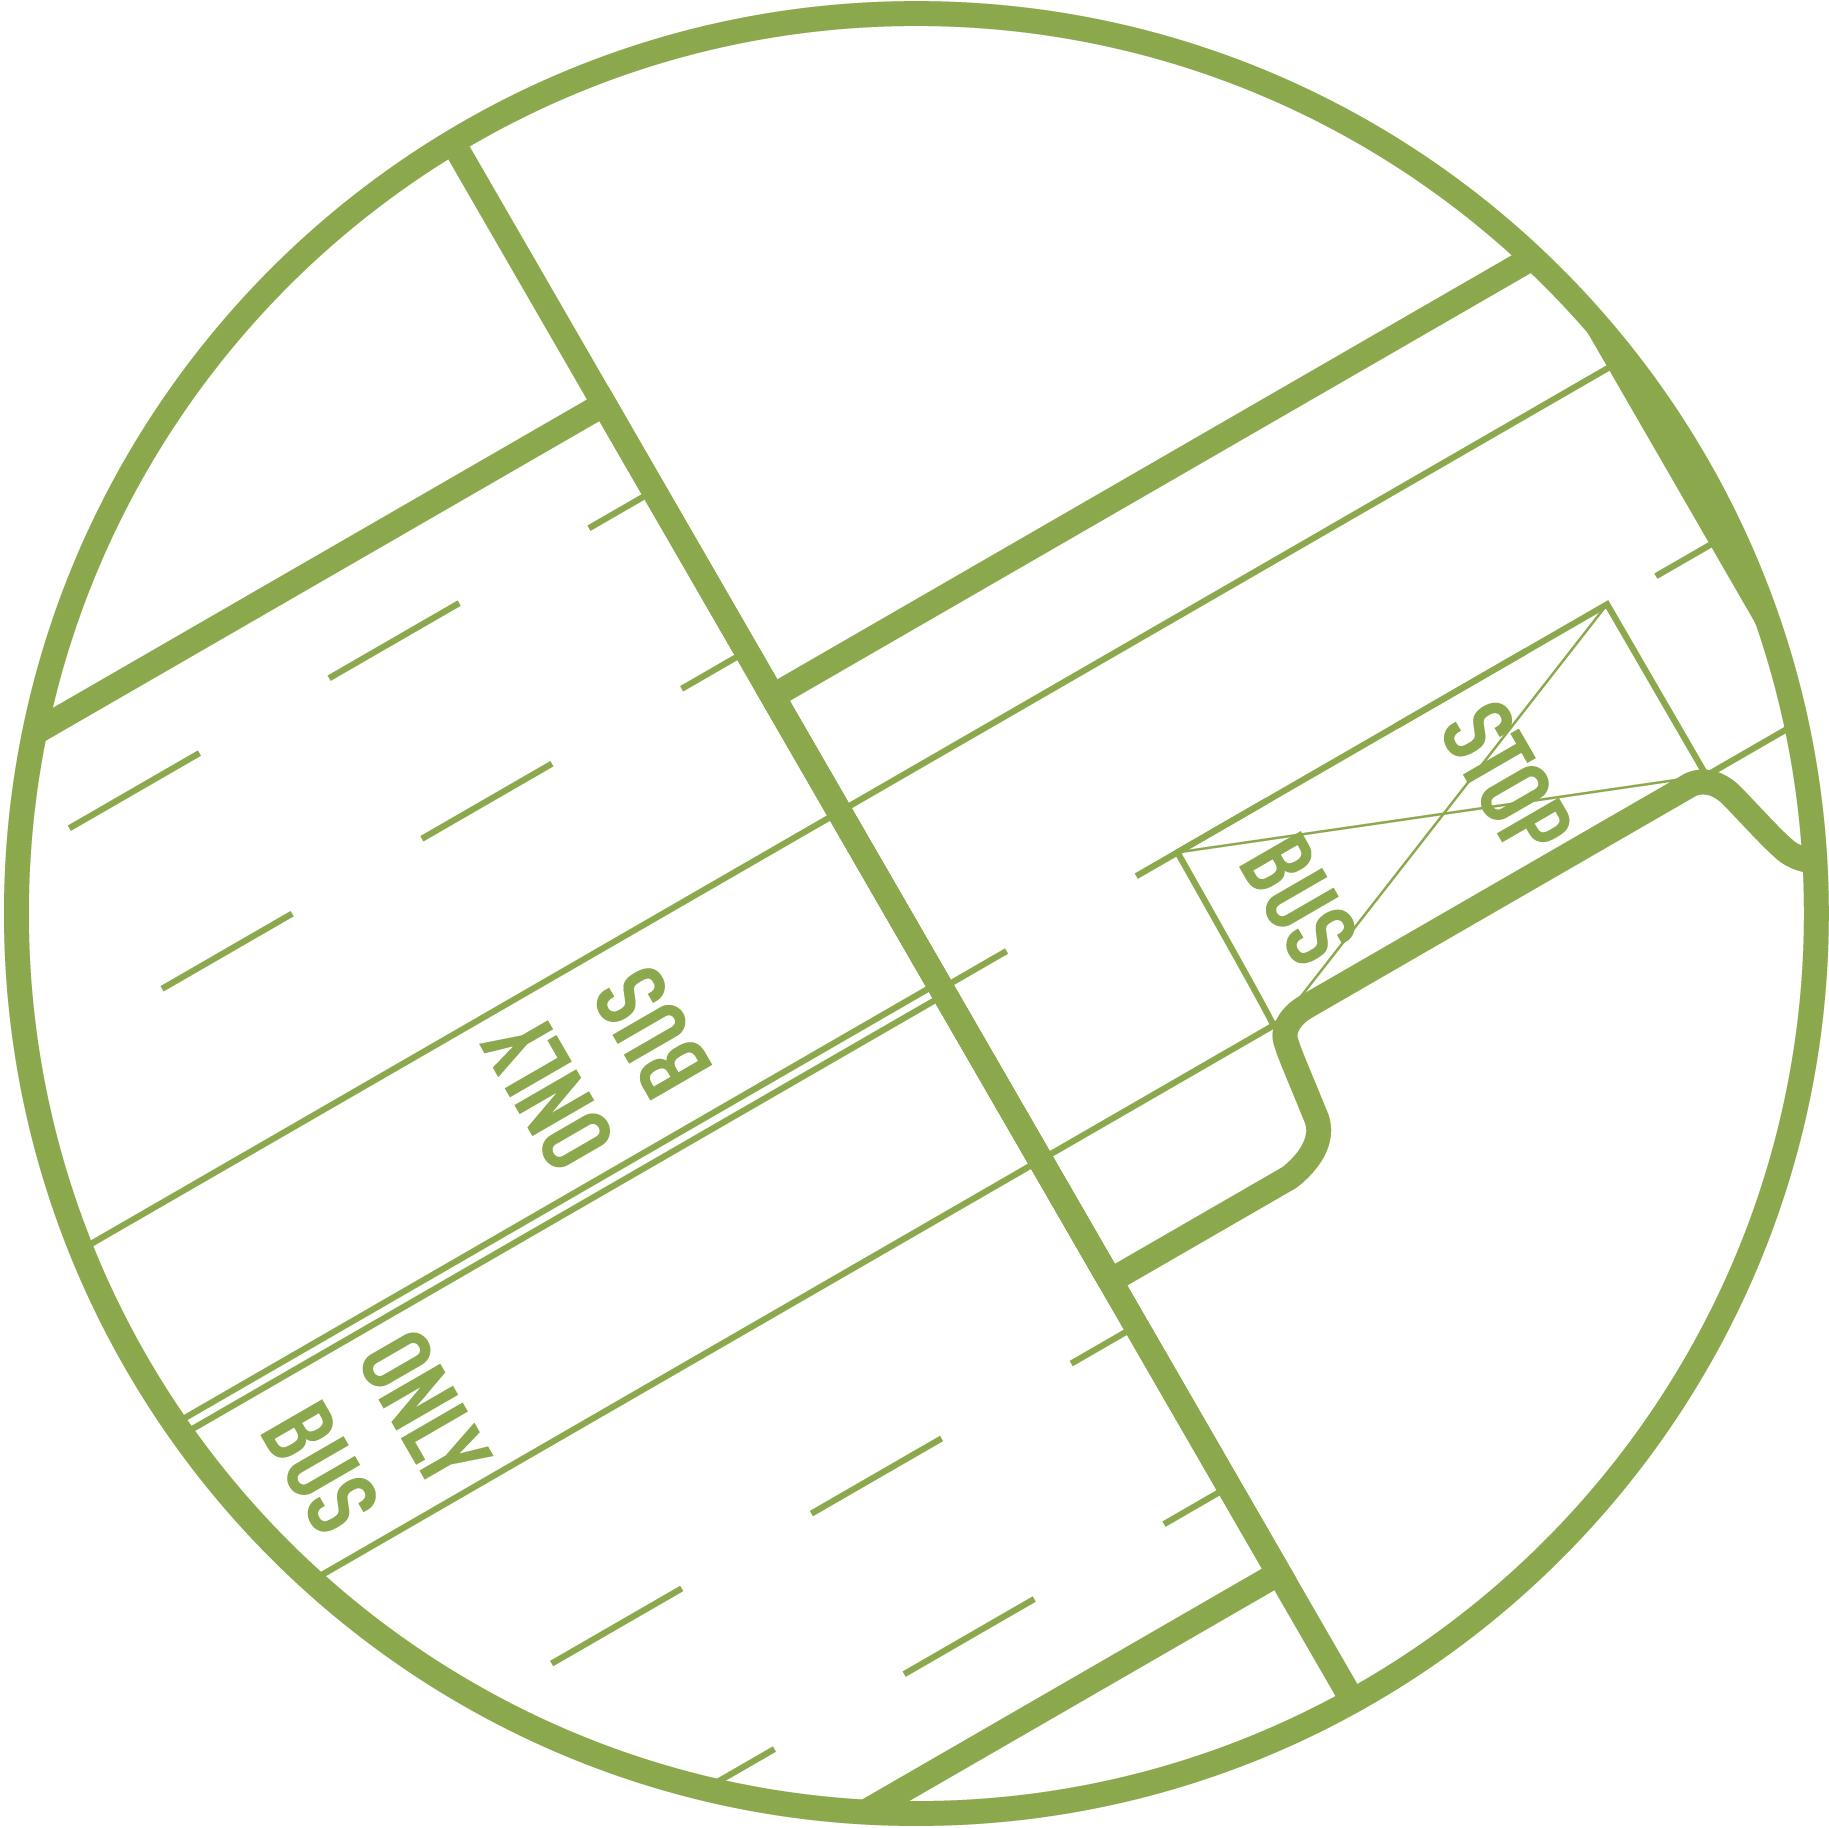 Transit Street Principles-04